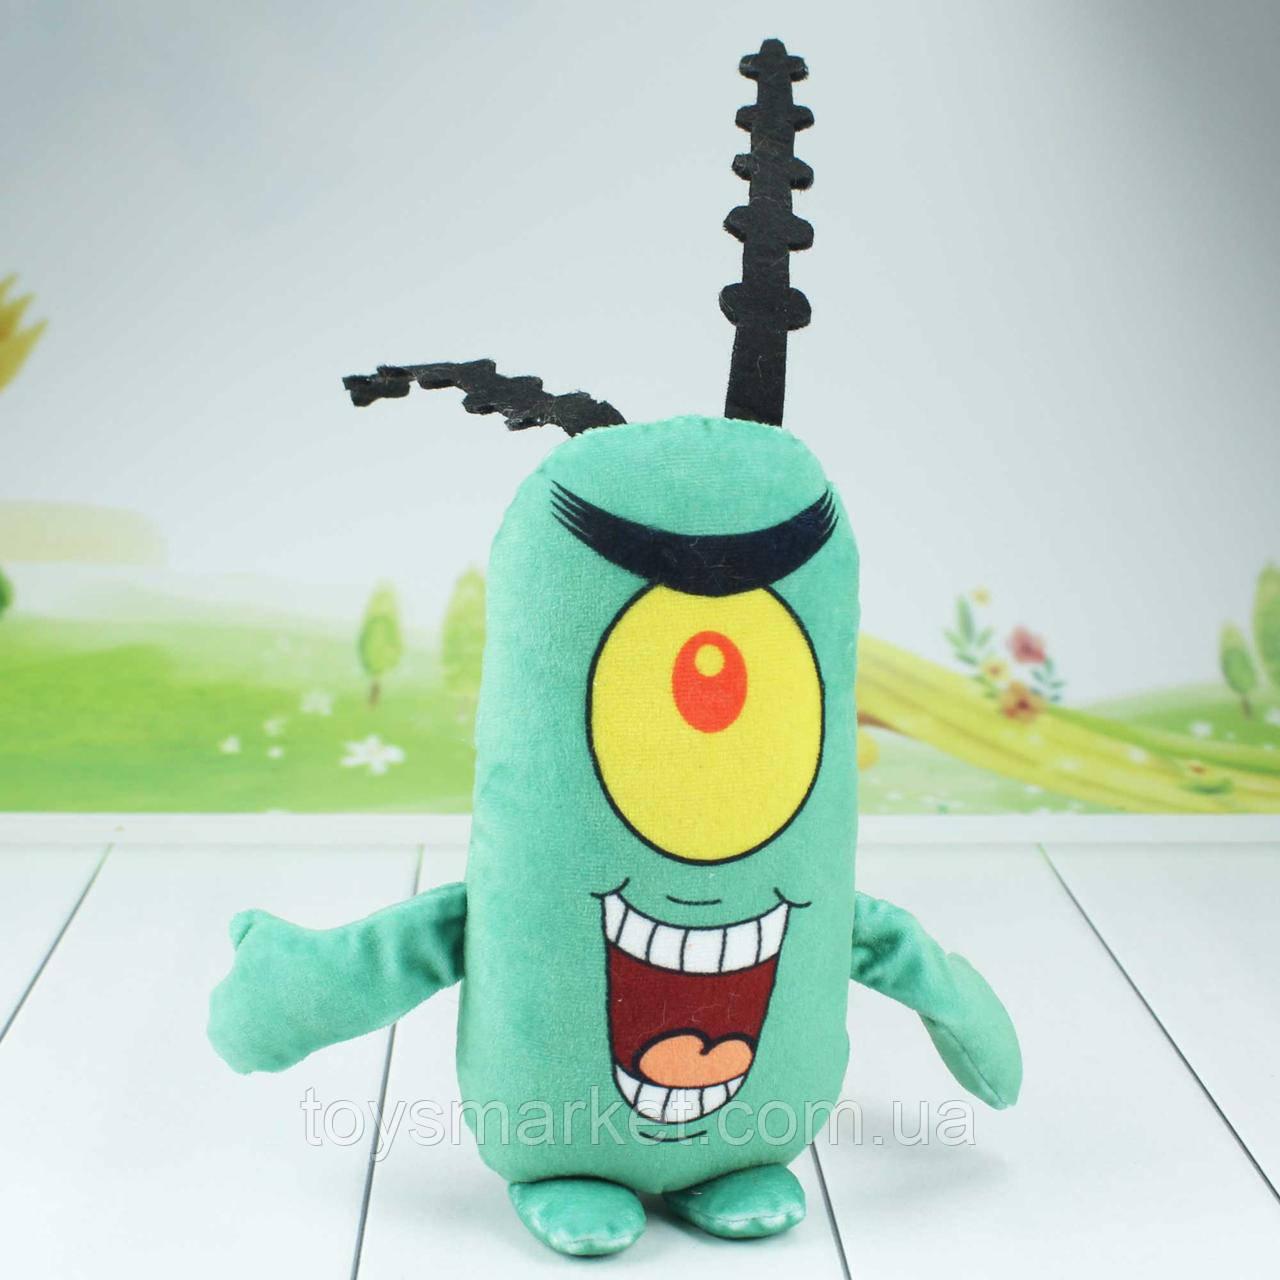 """Мягкая игрушка Шелдон Планктон """"Губка Боб"""", """"Губка Боб Квадратные Штаны""""."""